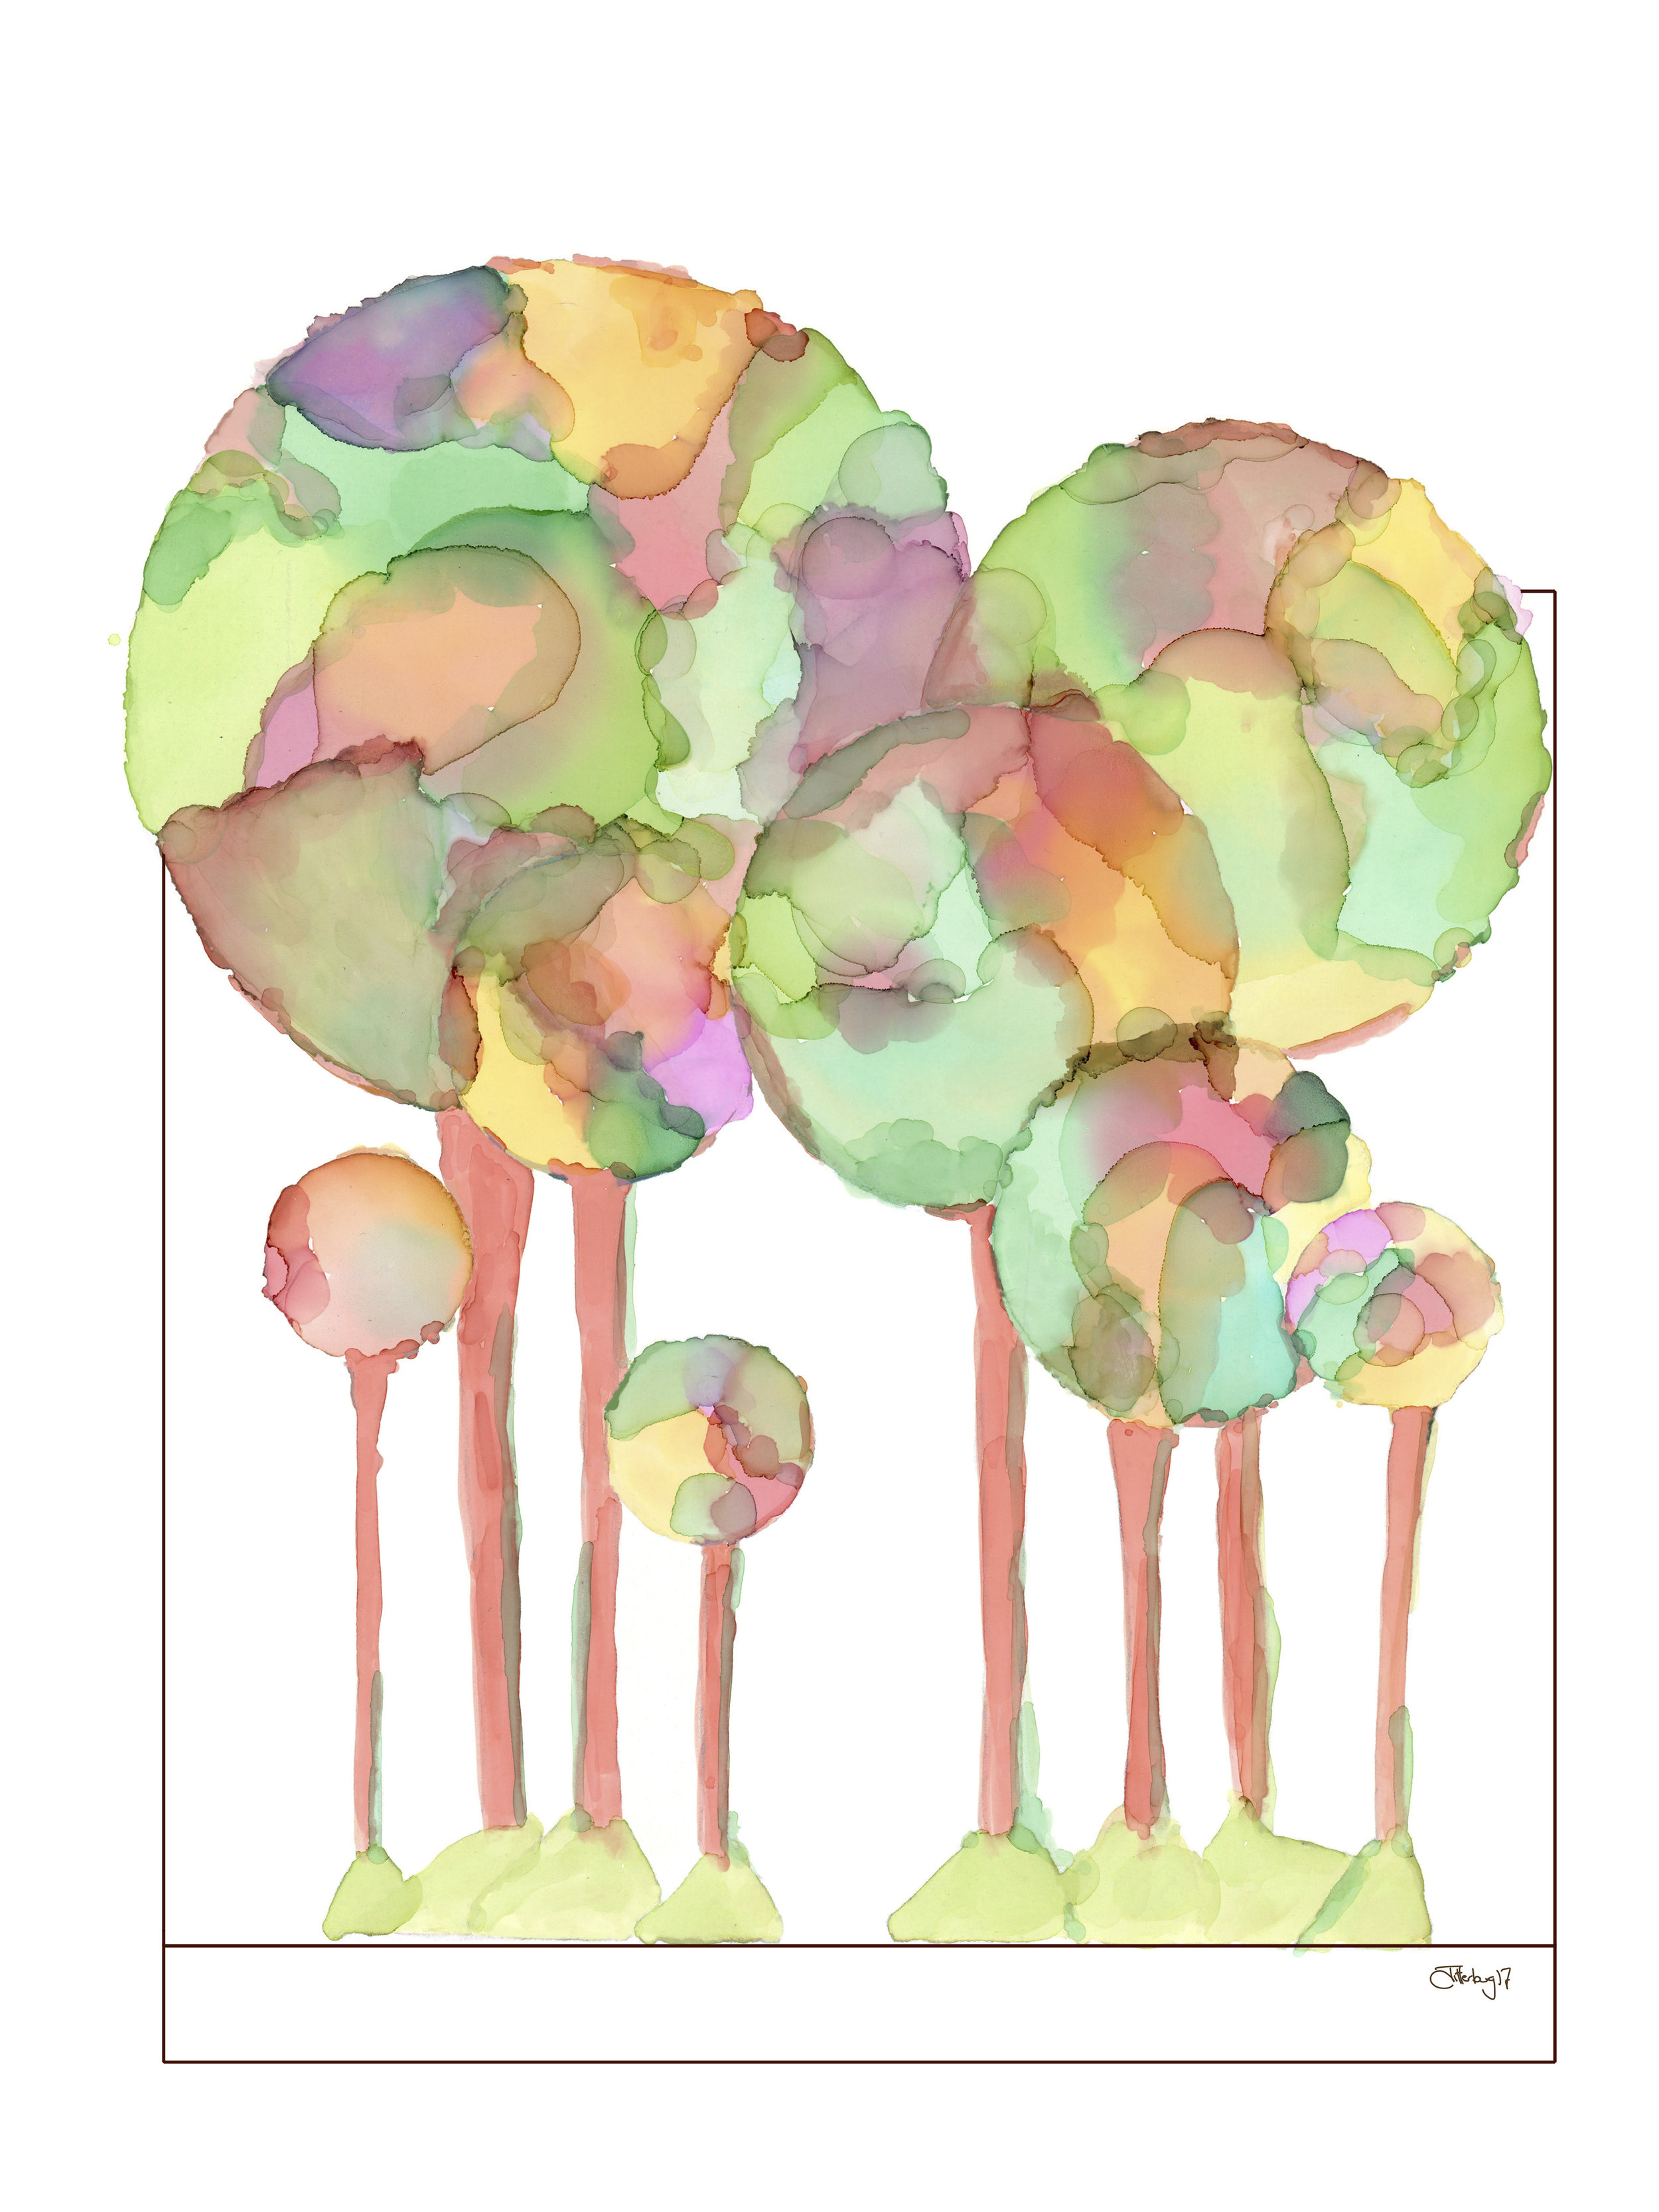 Bubble Trees - Art Print on Paper